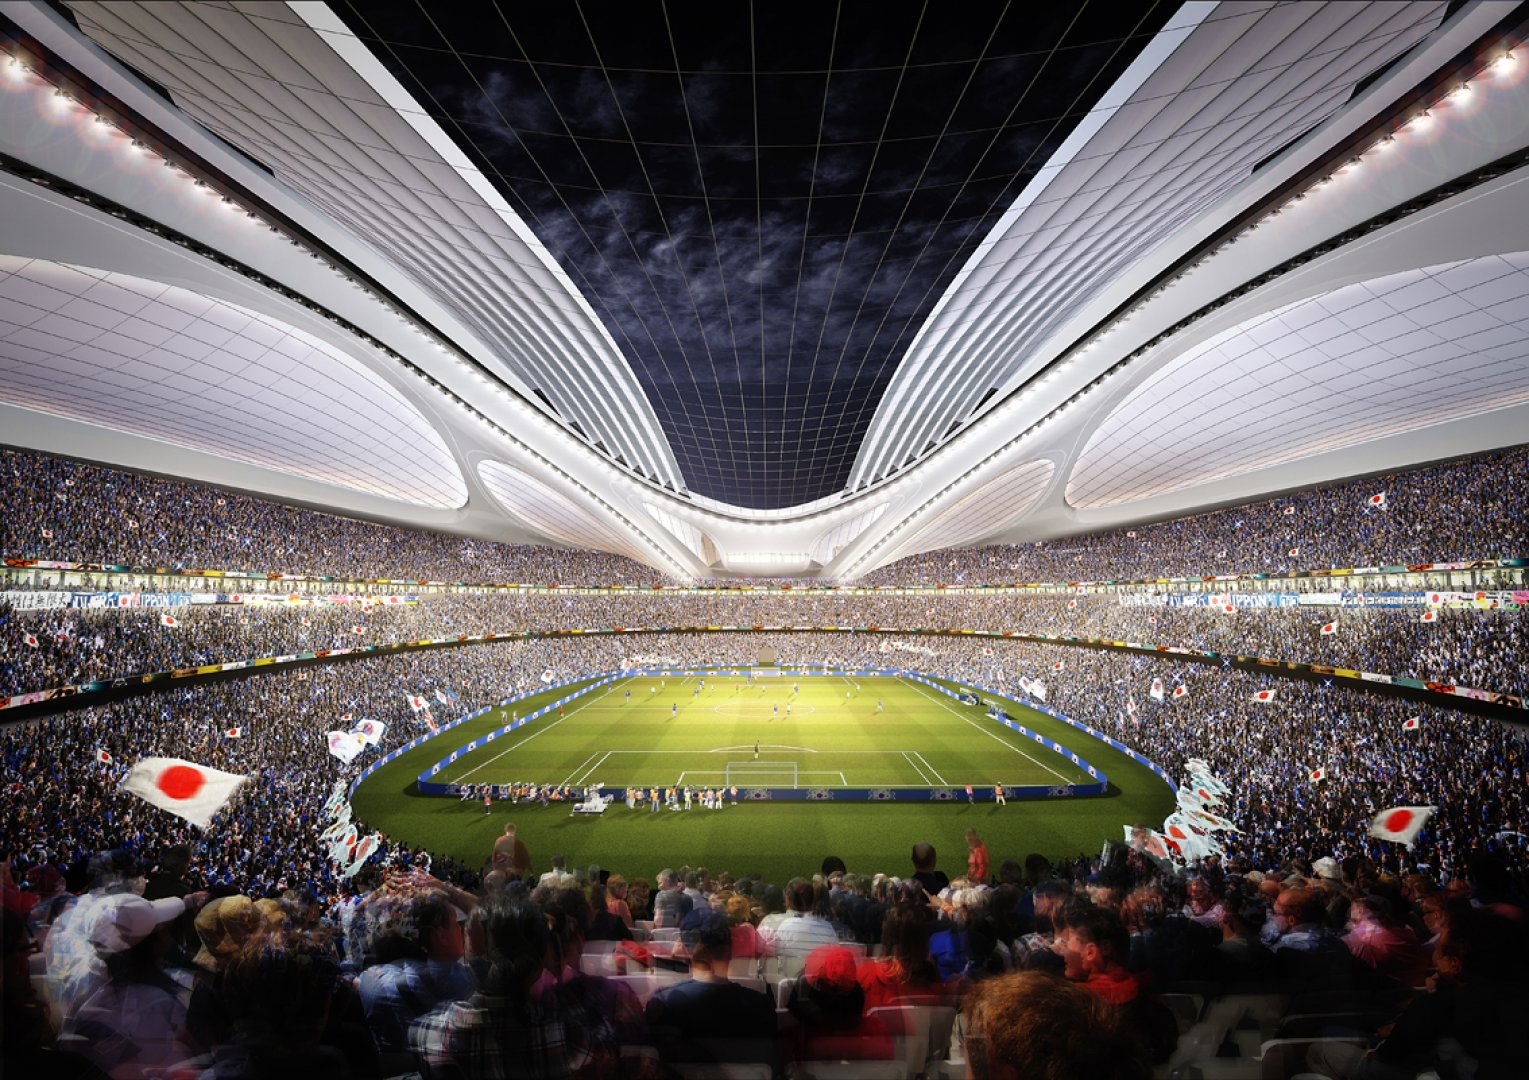 ژاپن میزبان المپیک 2020،طرح زاها حدید برای استادیوم دهکده المپیک ژاپن